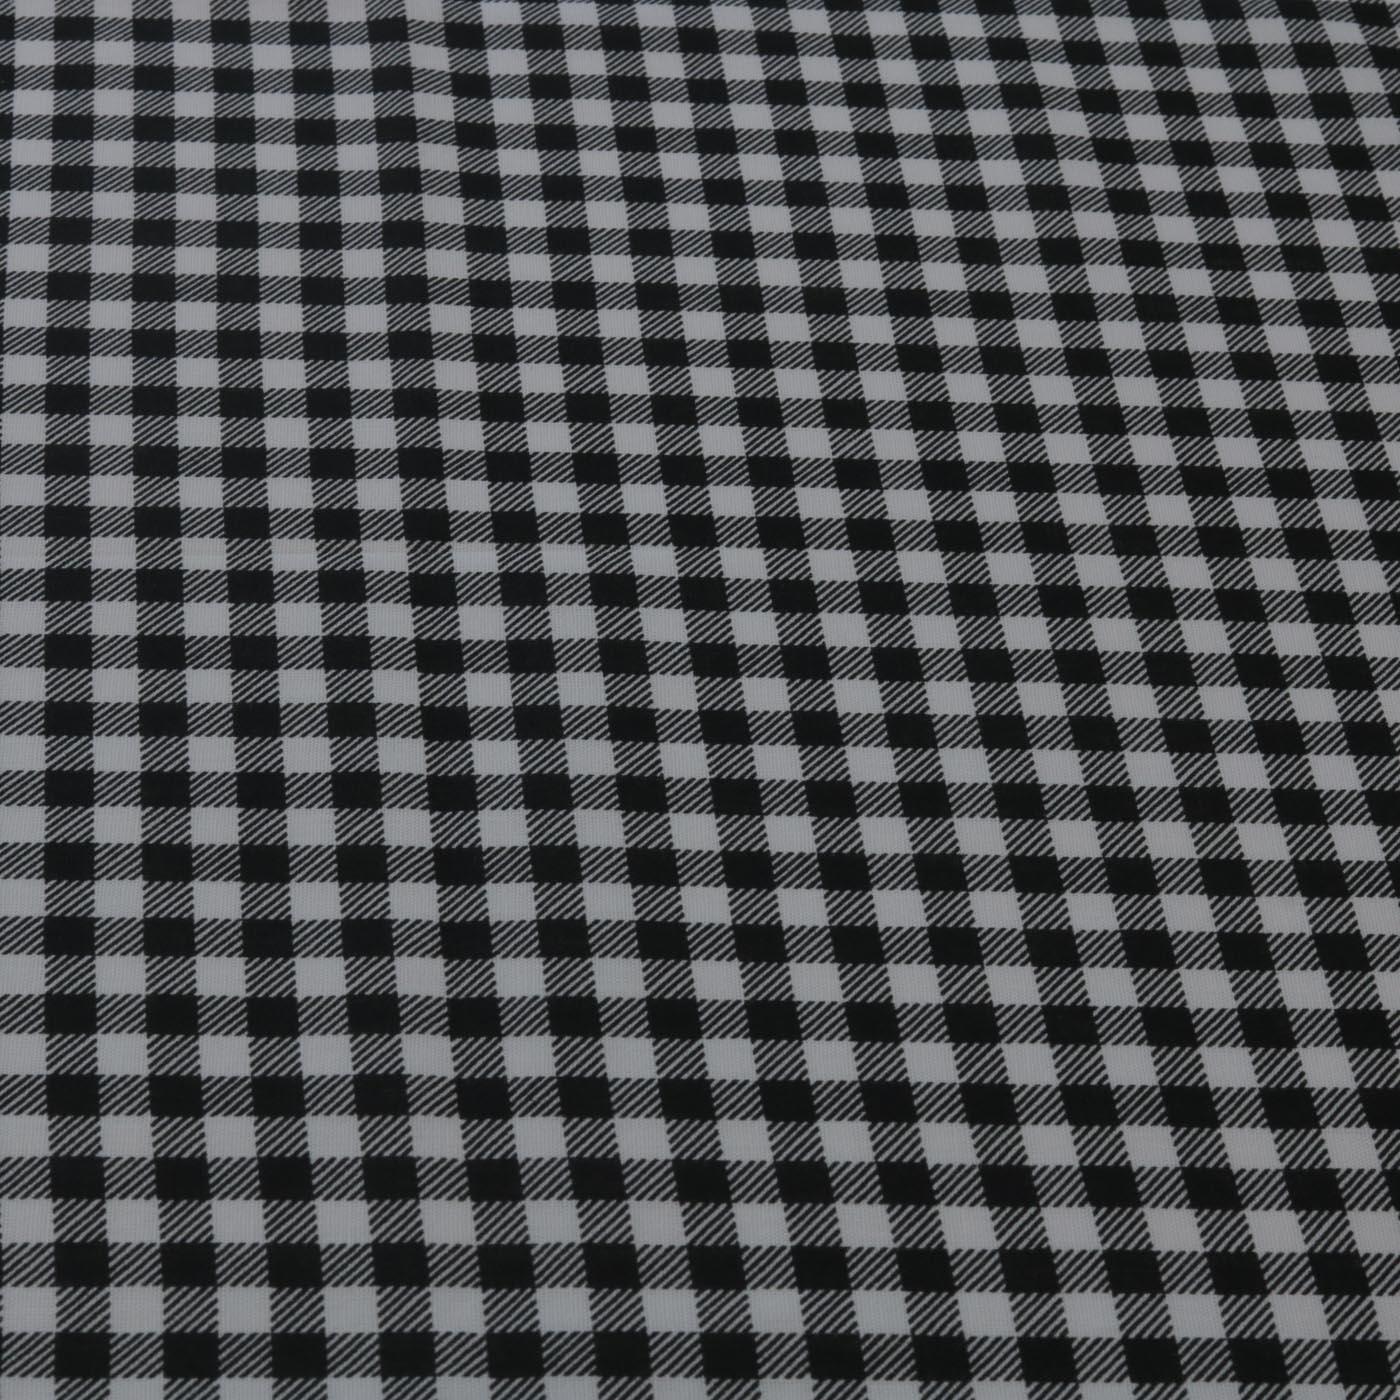 Tecido Tricoline Estampado Xadrez 1,40 m Largura Preto